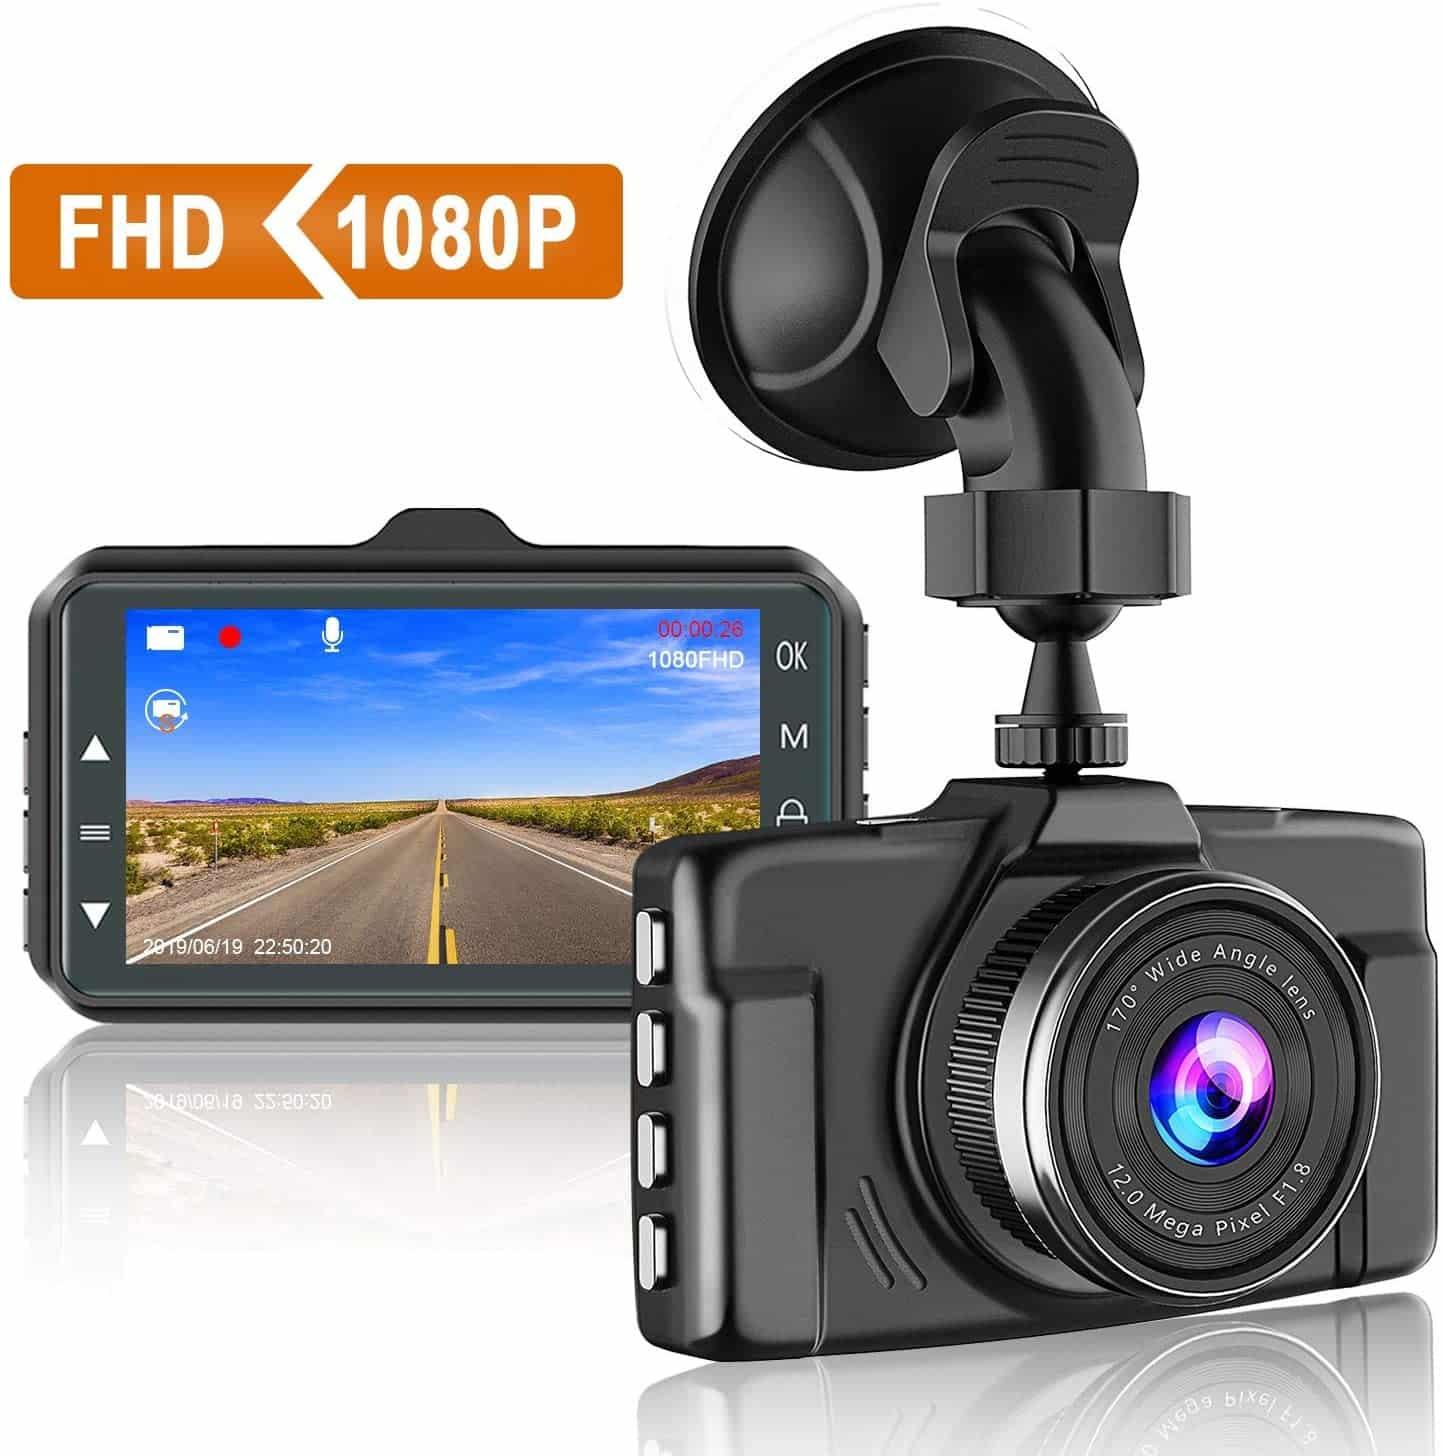 Une caméra pour filmer un road-trip ou safari